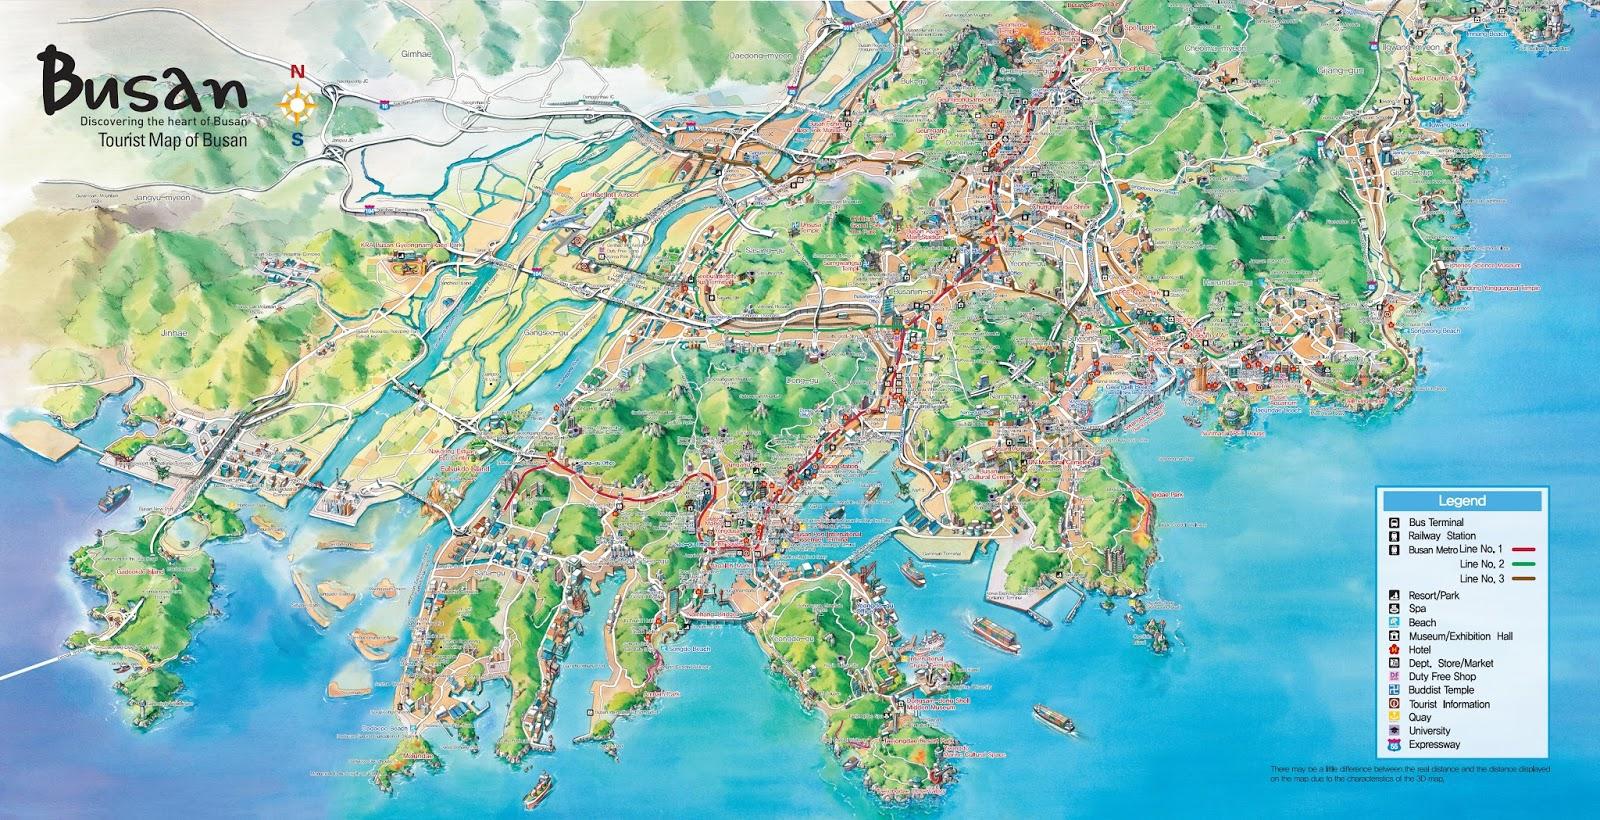 Liburan ke Korea - Busan Tourist Map